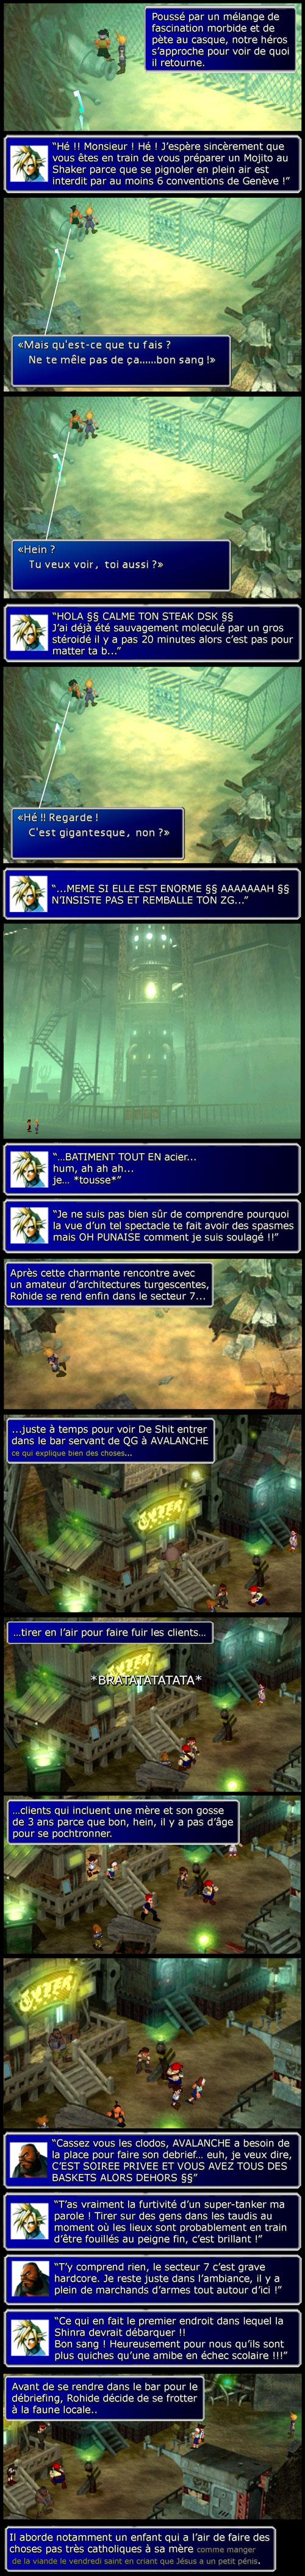 Final fantasy 7 : Cloud discute avec le type chelou et Barret joue les videur de bar